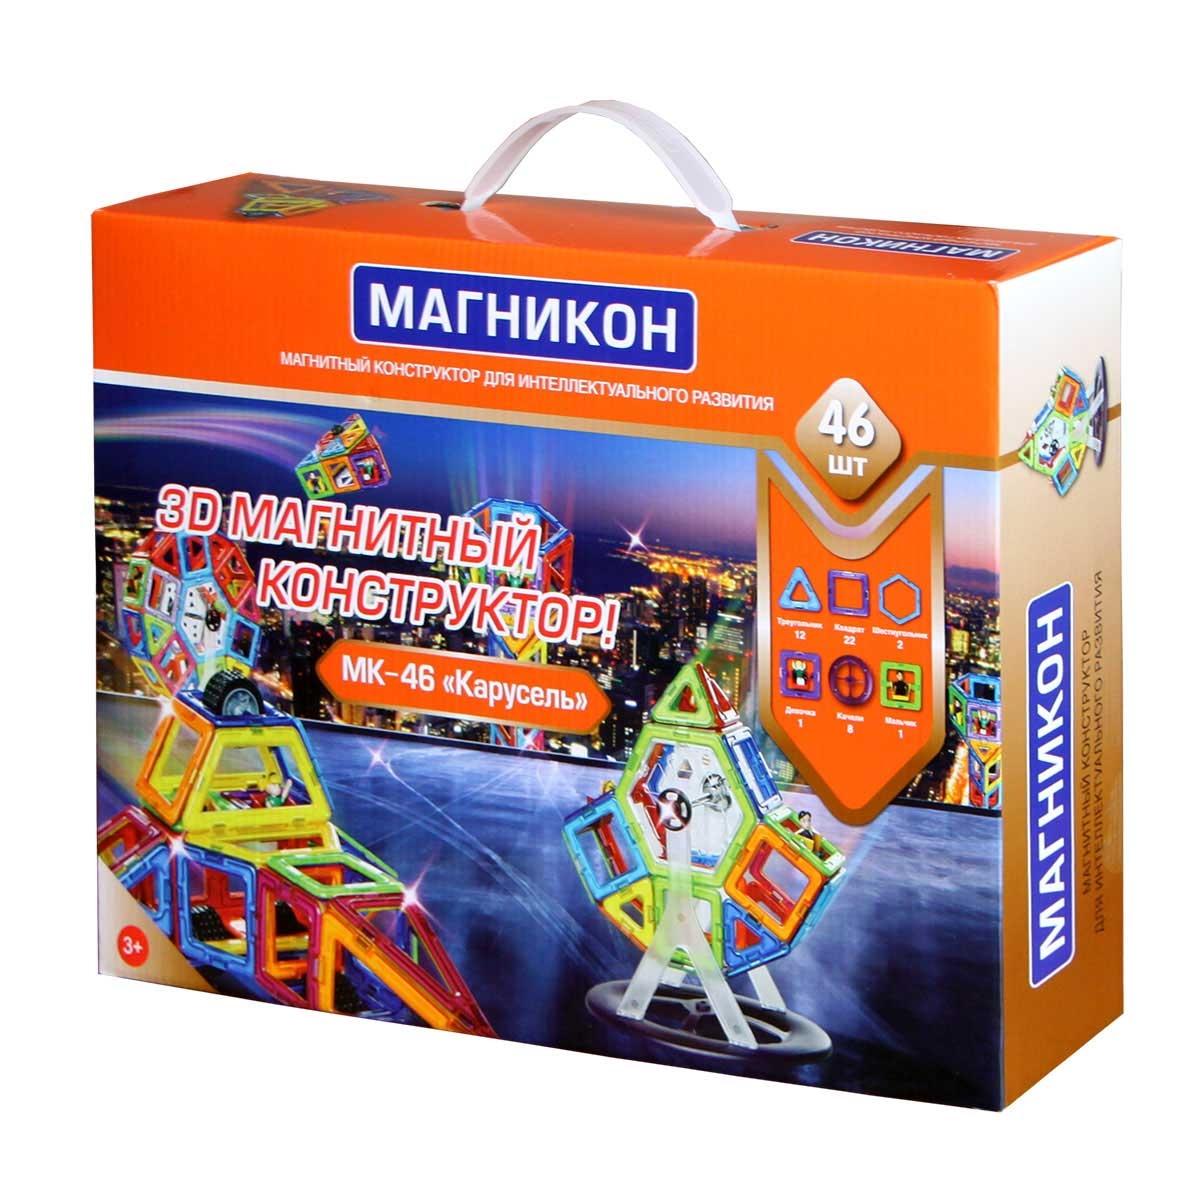 кукольные домики и мебель Магнитные Магникон MK-46 Карусель